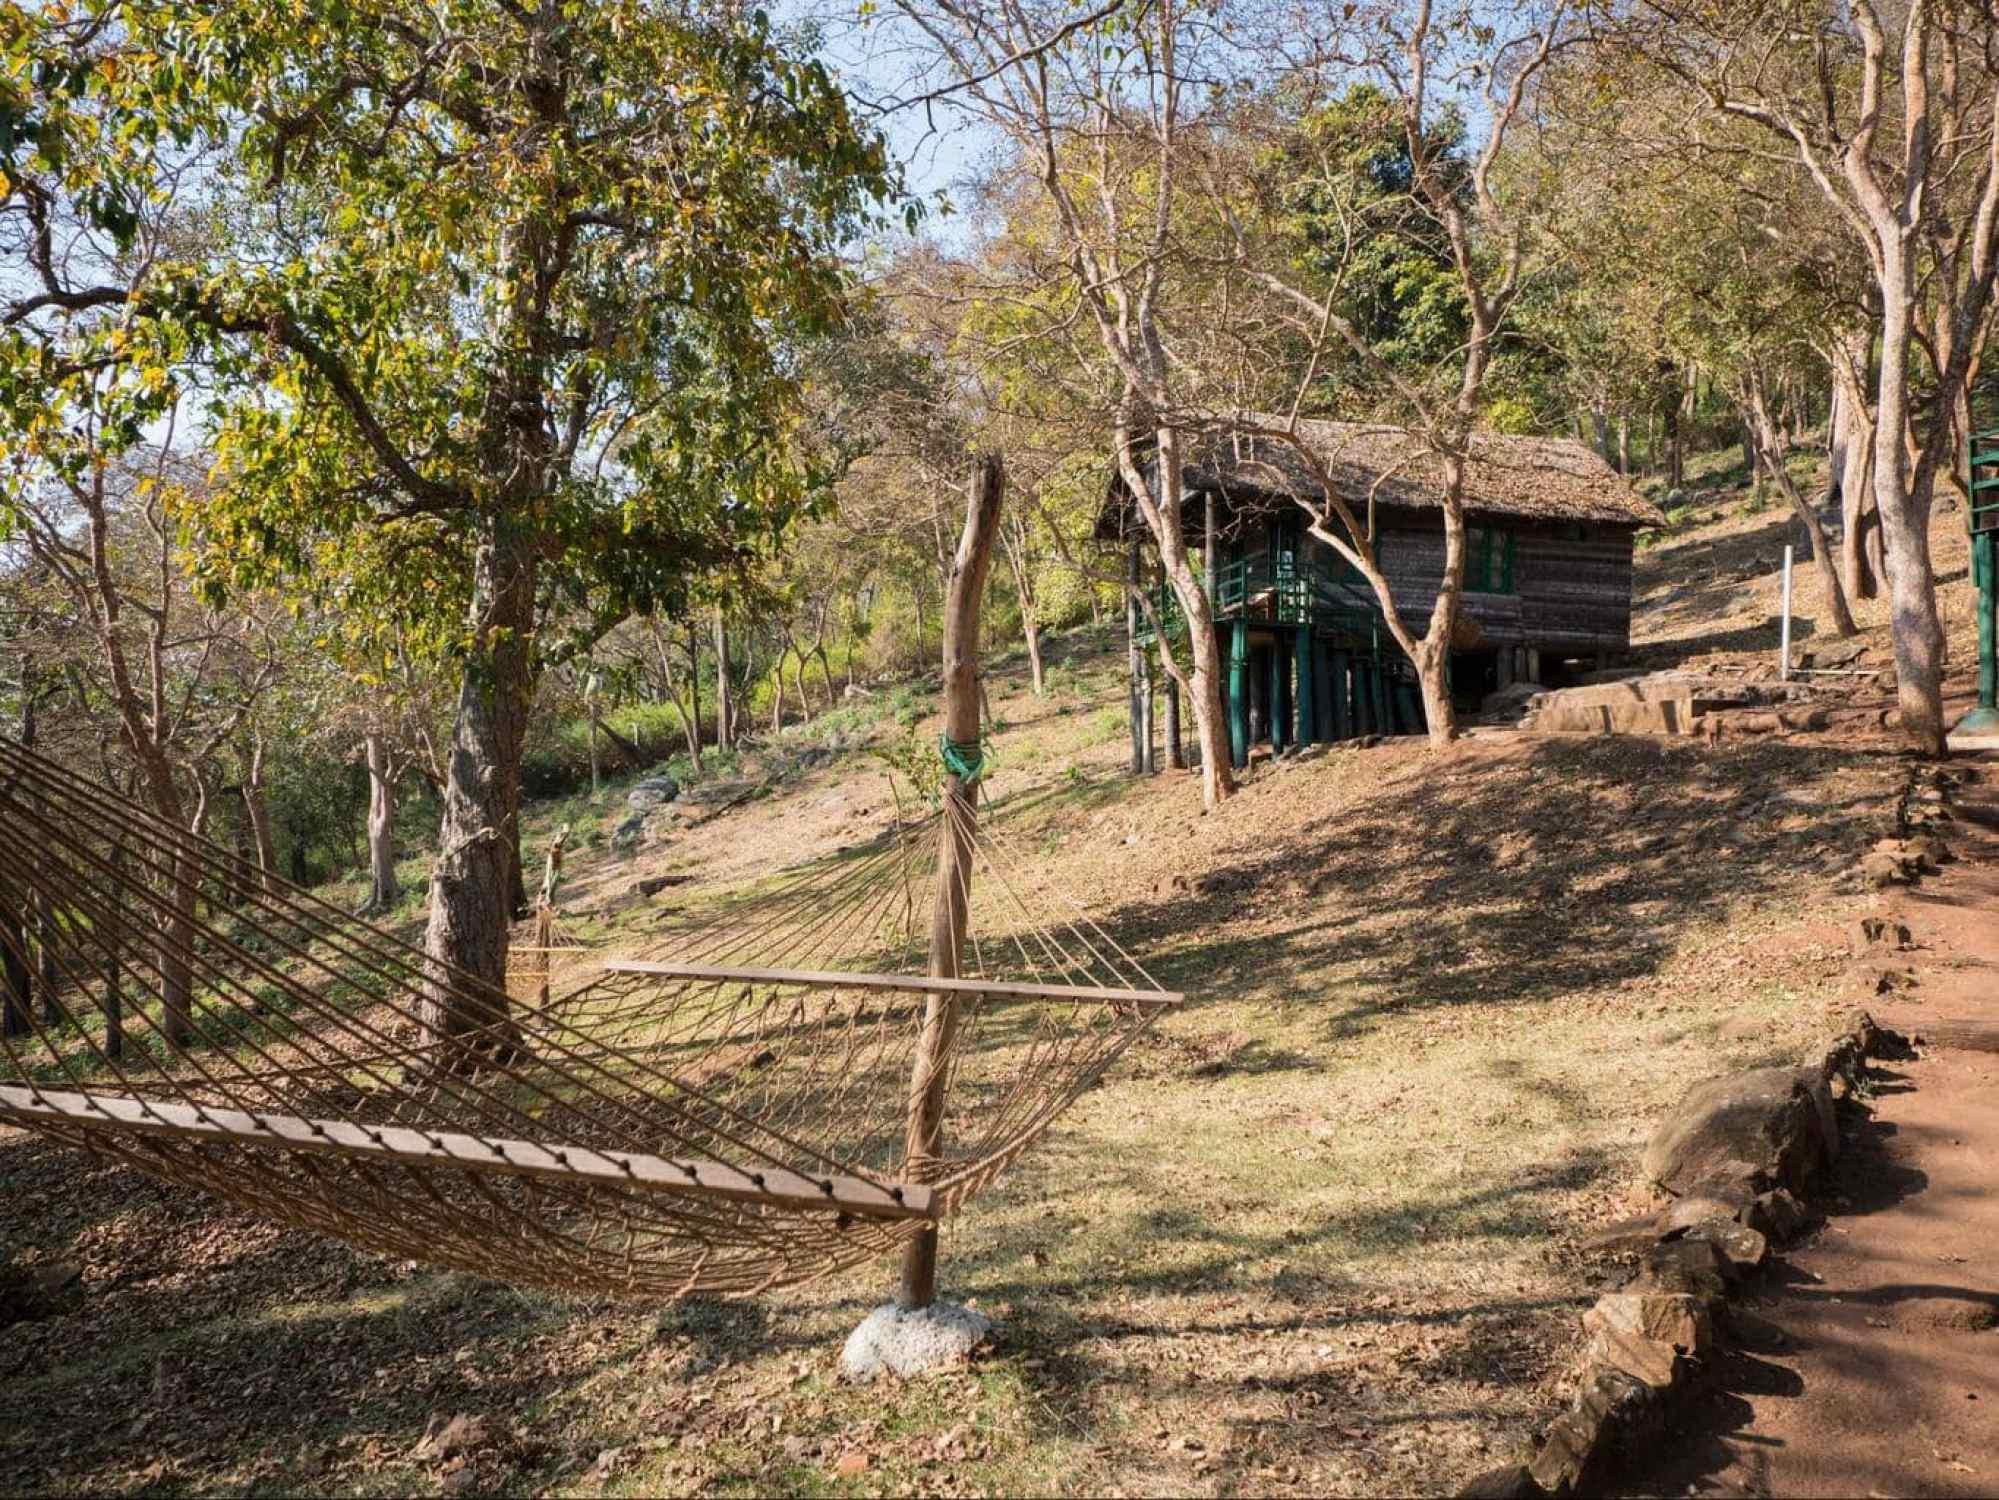 K Gudi tented camp and log cabins